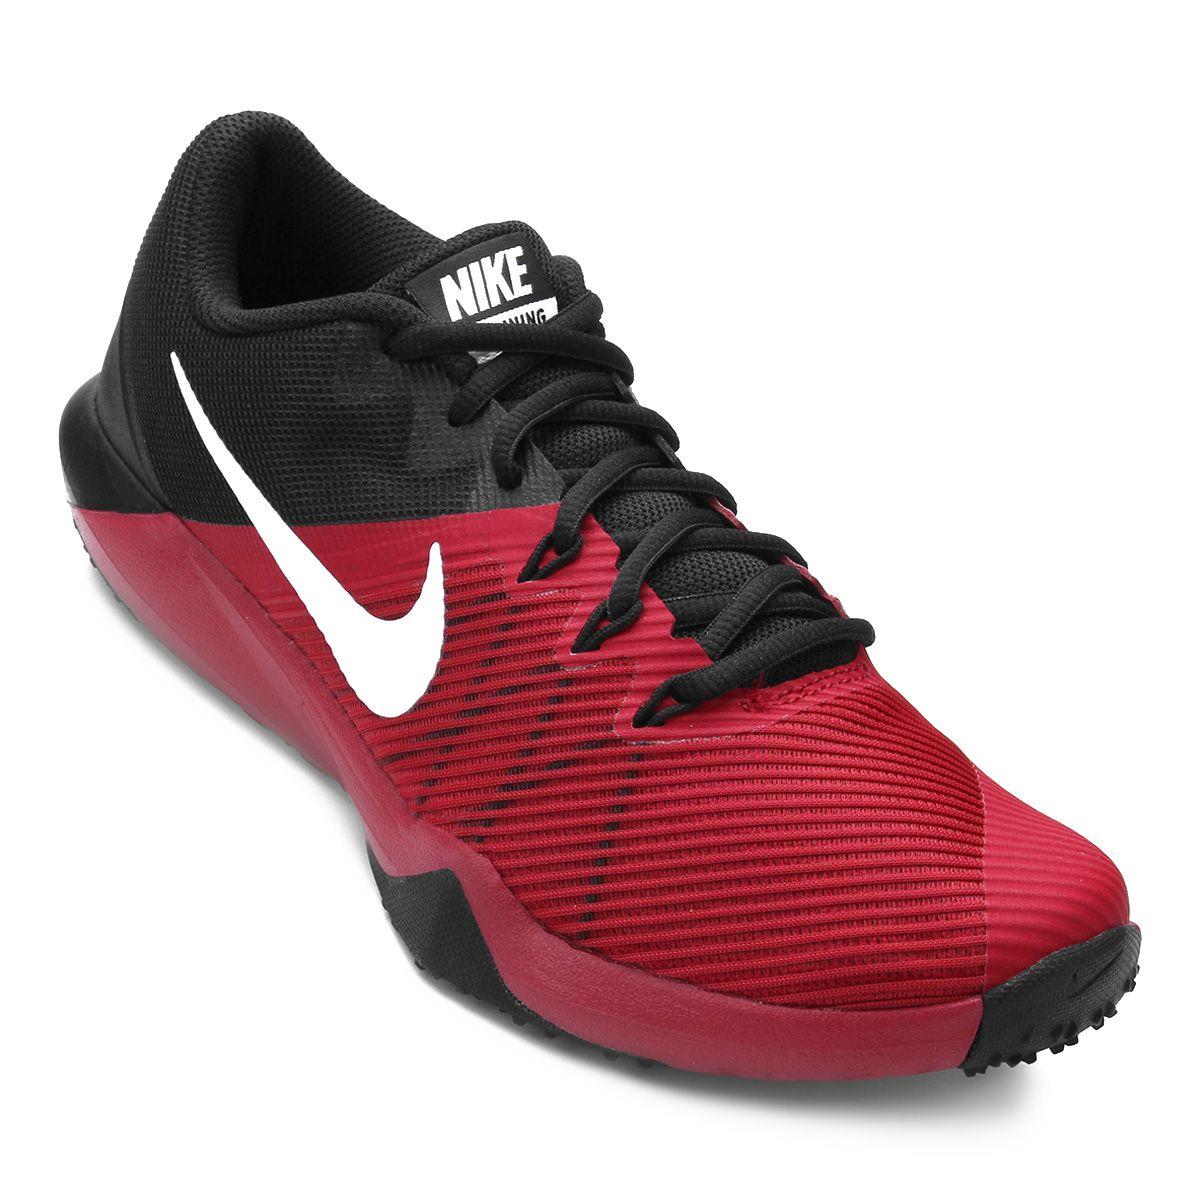 0b41a1d84f8 Exercite-se com máximo conforto usando Tênis Nike Retaliation TR! Este tênis  masculino possui